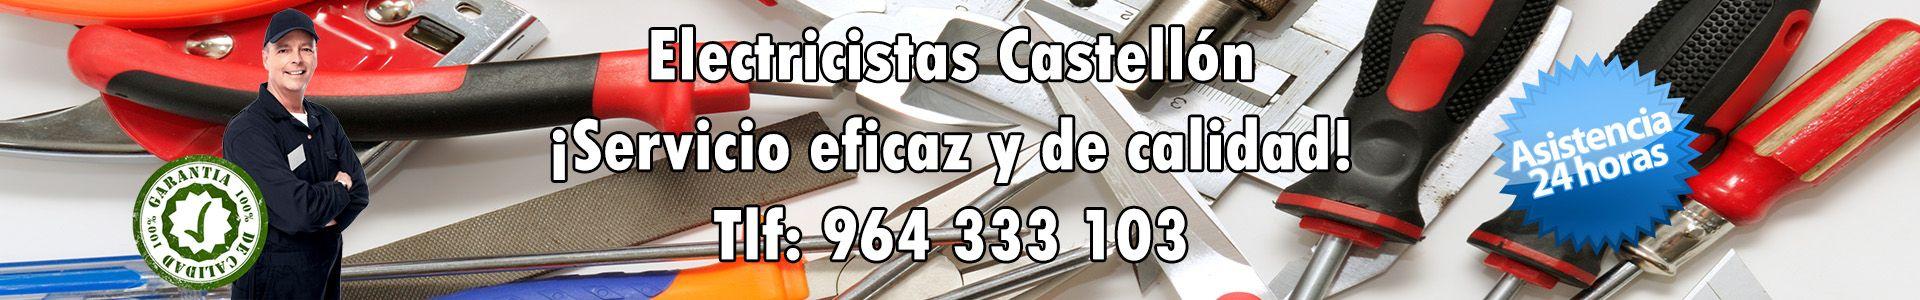 Electricistas Castellón